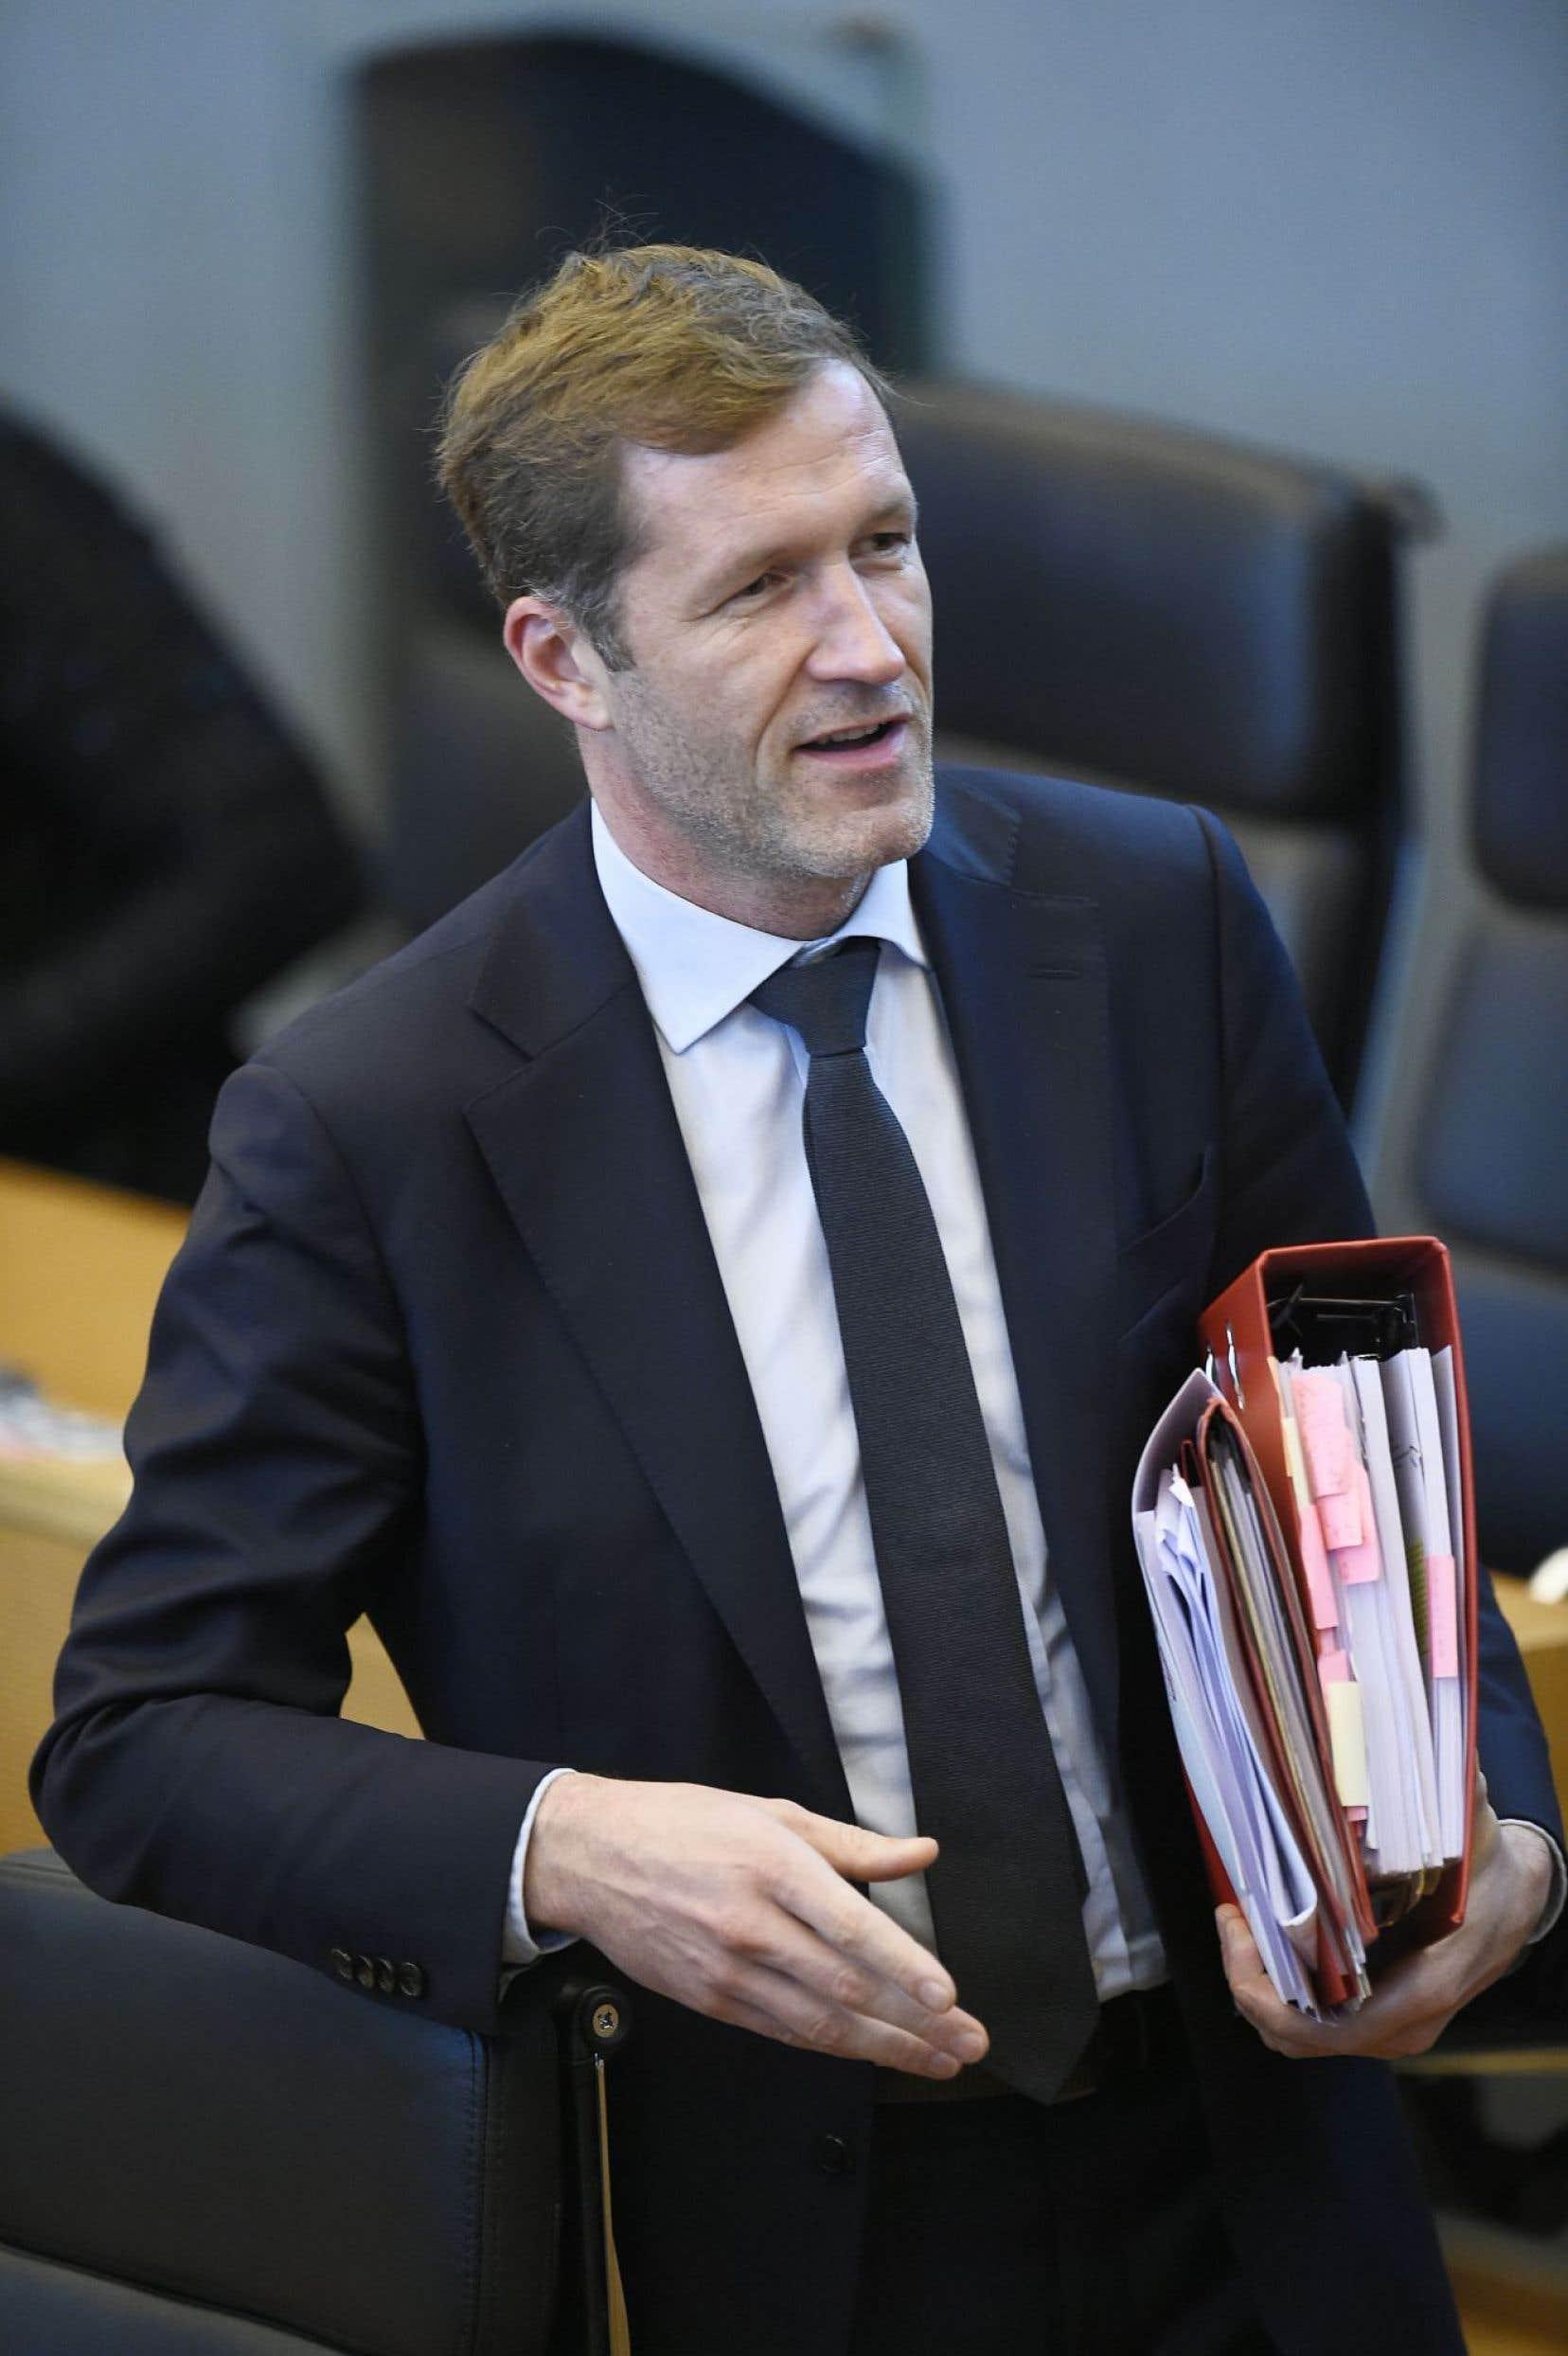 Des universitaires européens et américains se sont ralliés autour du chef du gouvernement de la région belge de Wallonie, Paul Magnette.